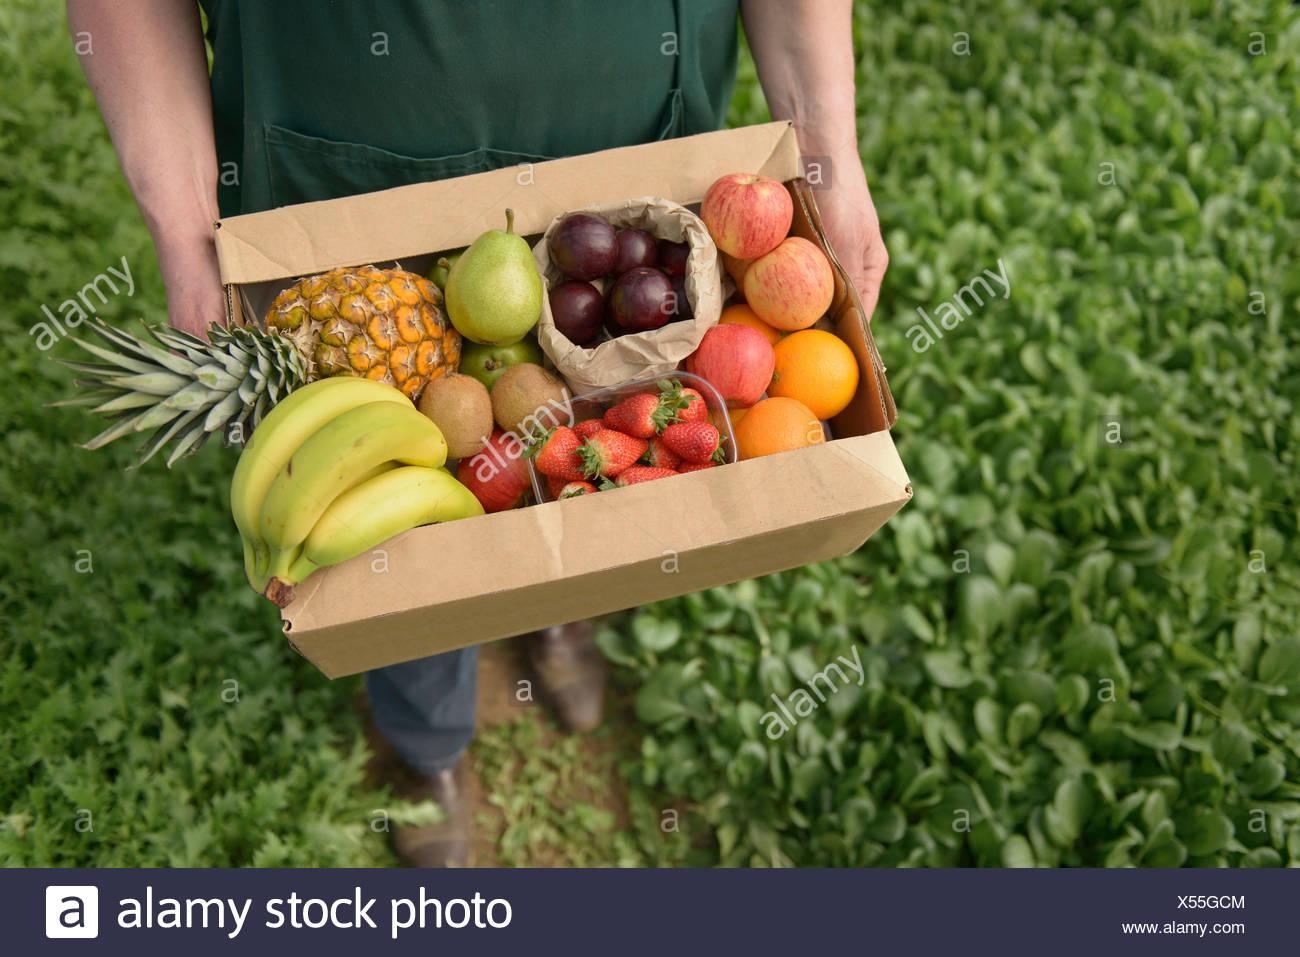 L'agricoltore che trasportano frutta in scatola per la consegna, close up Immagini Stock